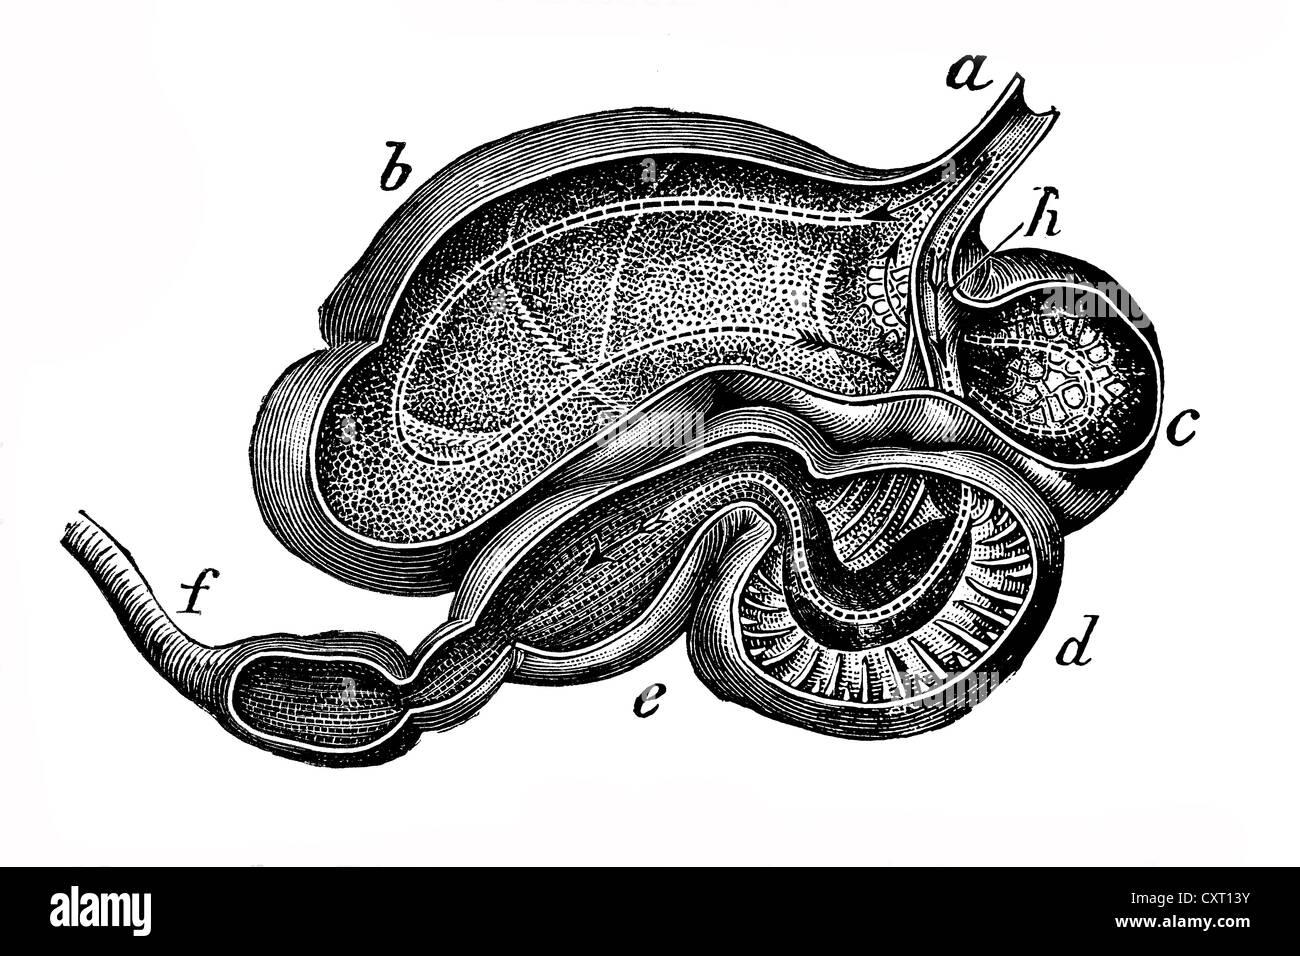 Berühmt Kuh Magen Anatomie Bilder - Menschliche Anatomie Bilder ...